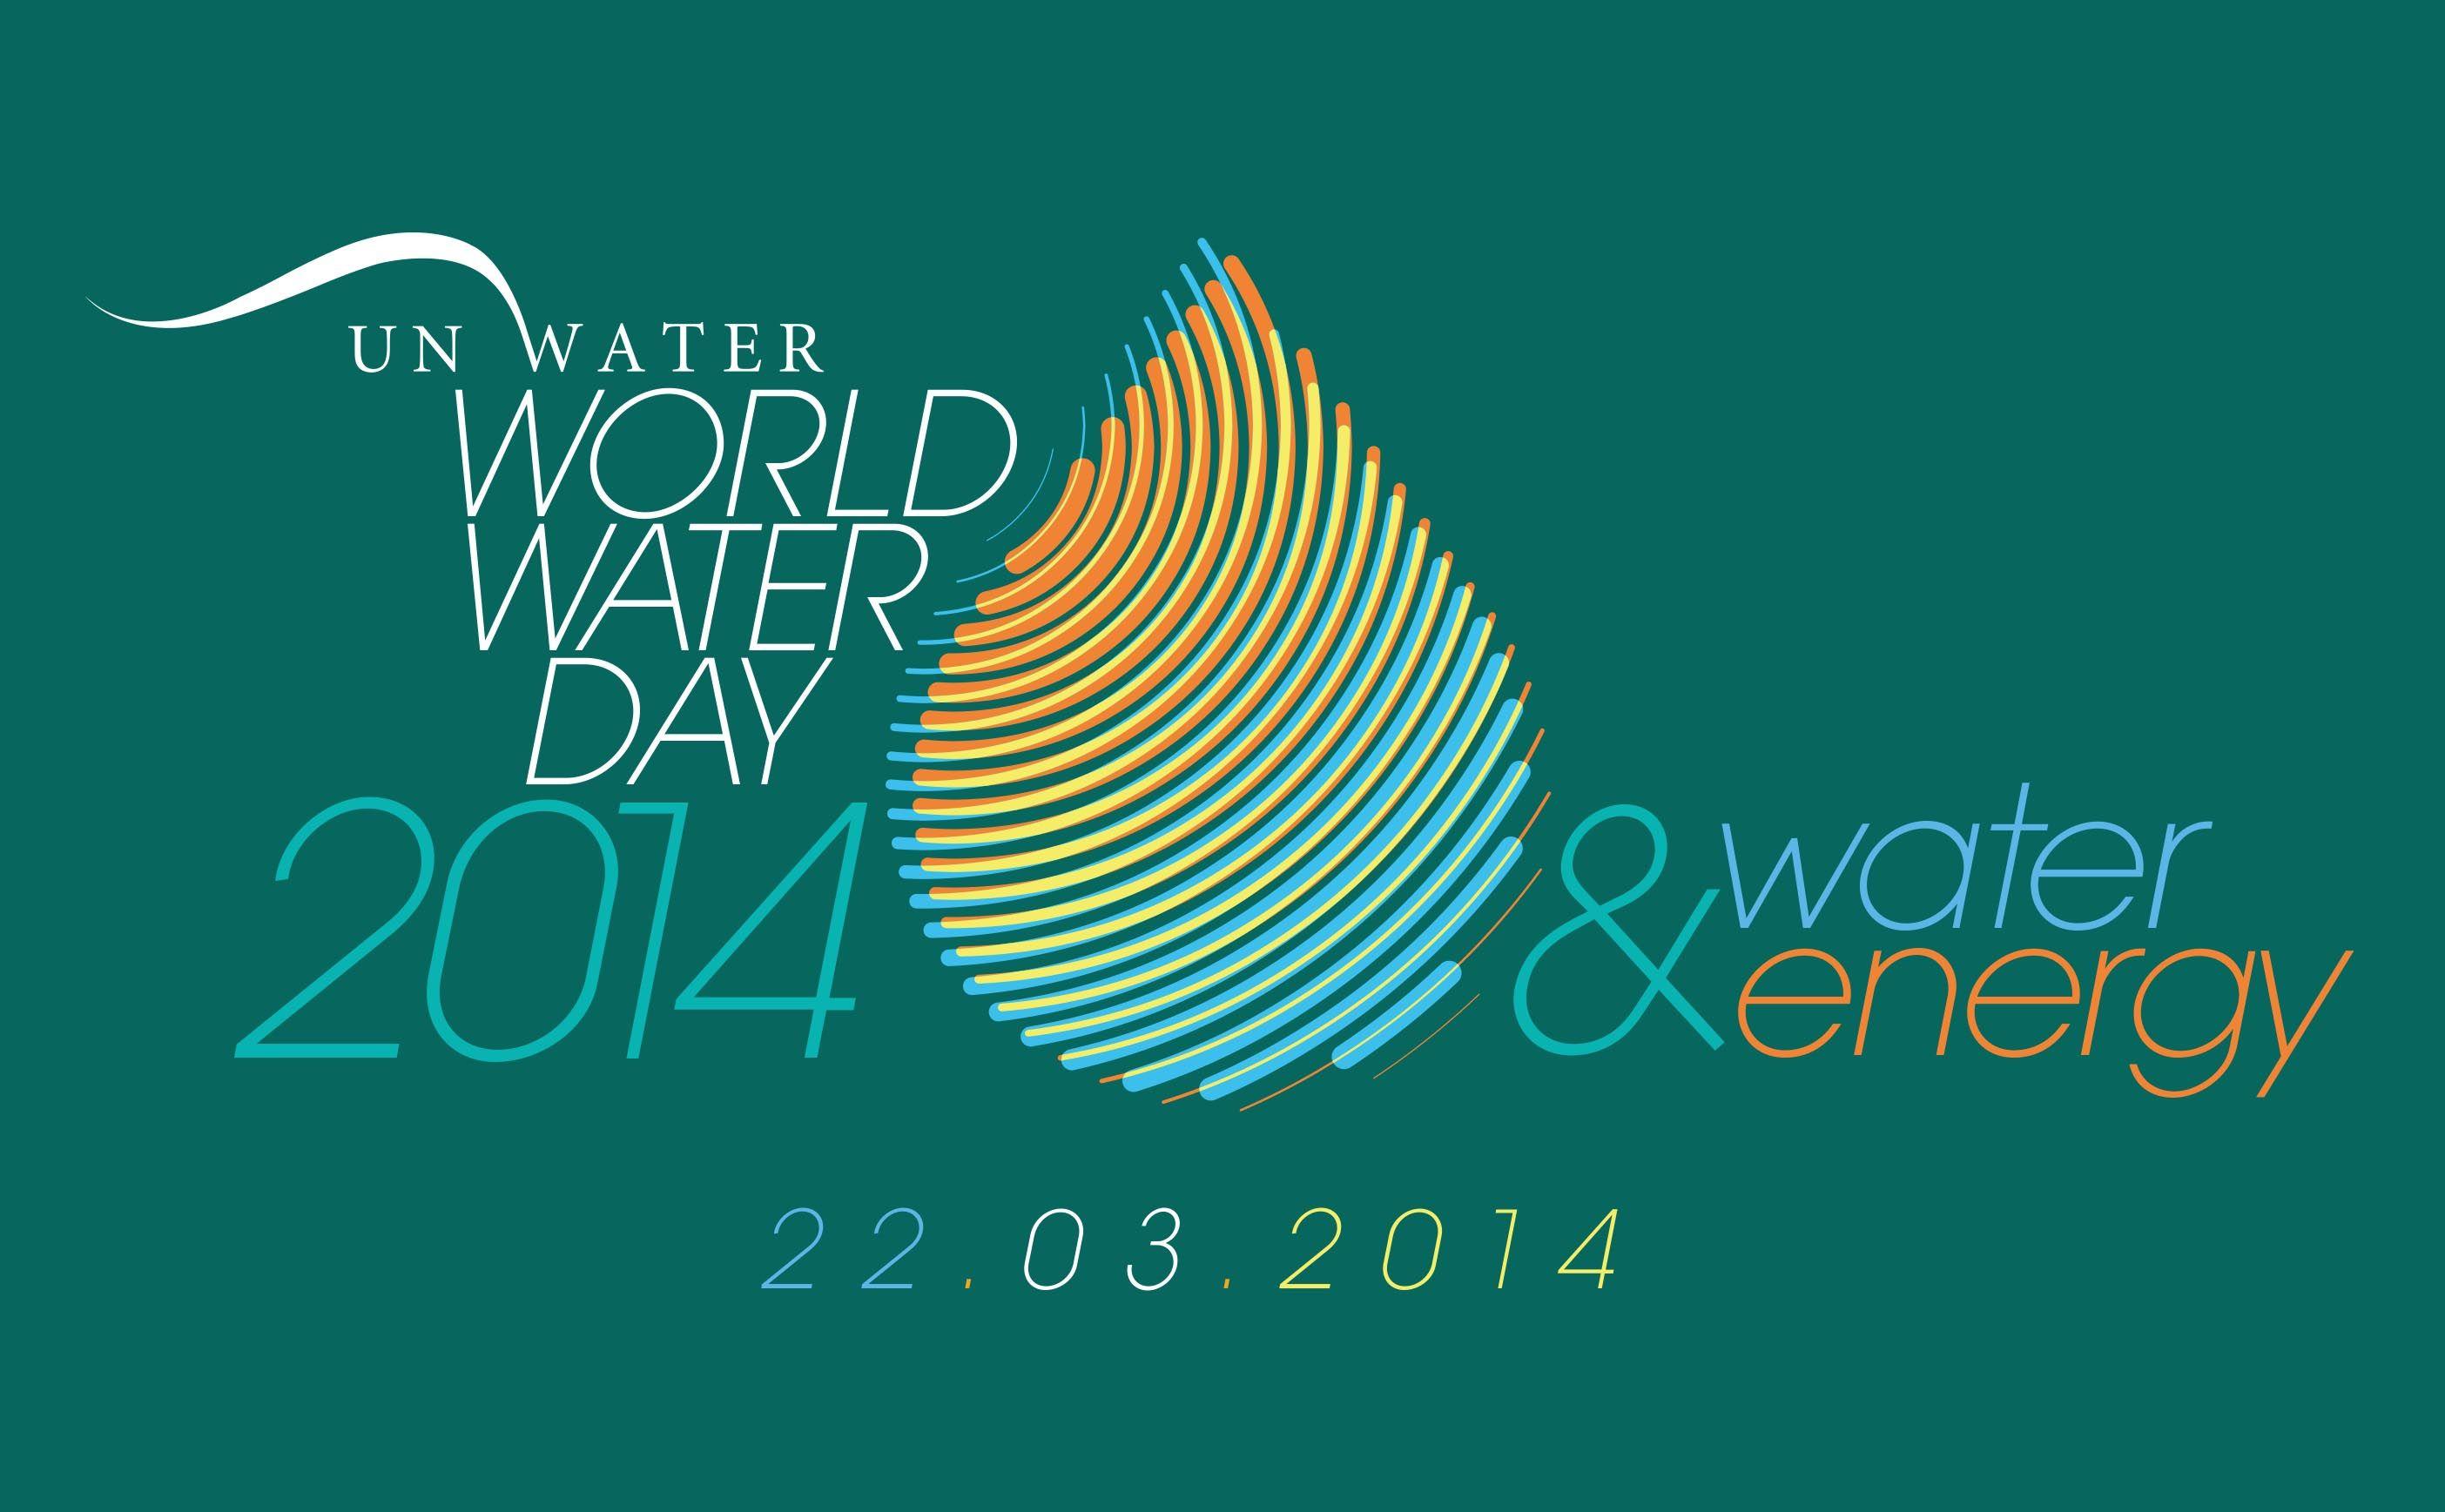 Světový den vody: Na konferenci v Praze se probíraly povodně, abnormálně suchá zima i problémy s vodovody a kanalizacemi